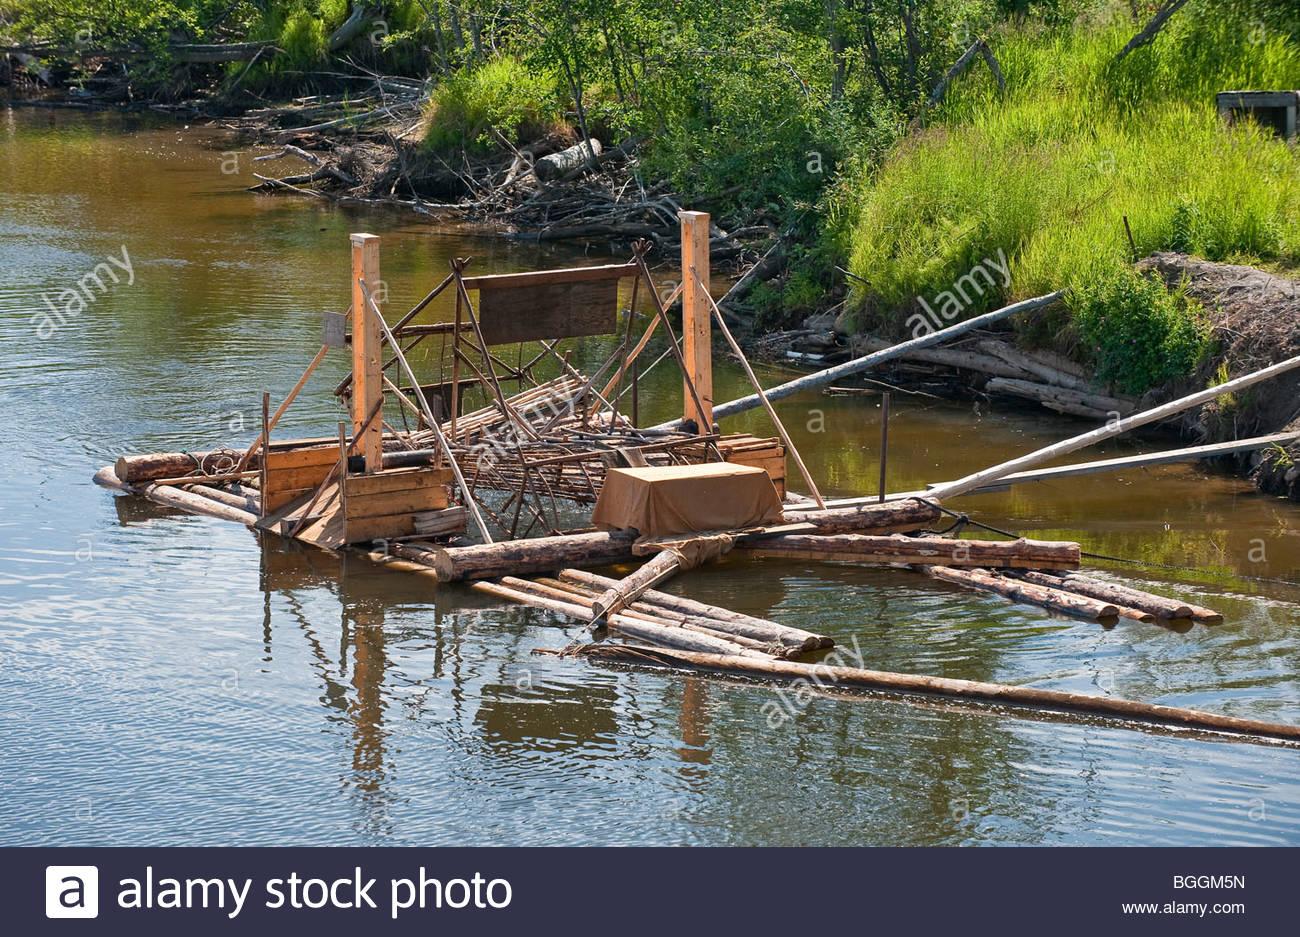 Alaska, Fairbanks. Schaufelrad Riverboat Entdeckungstour entlang der Chena River gibt Touristen einen Vorgeschmack Stockfoto